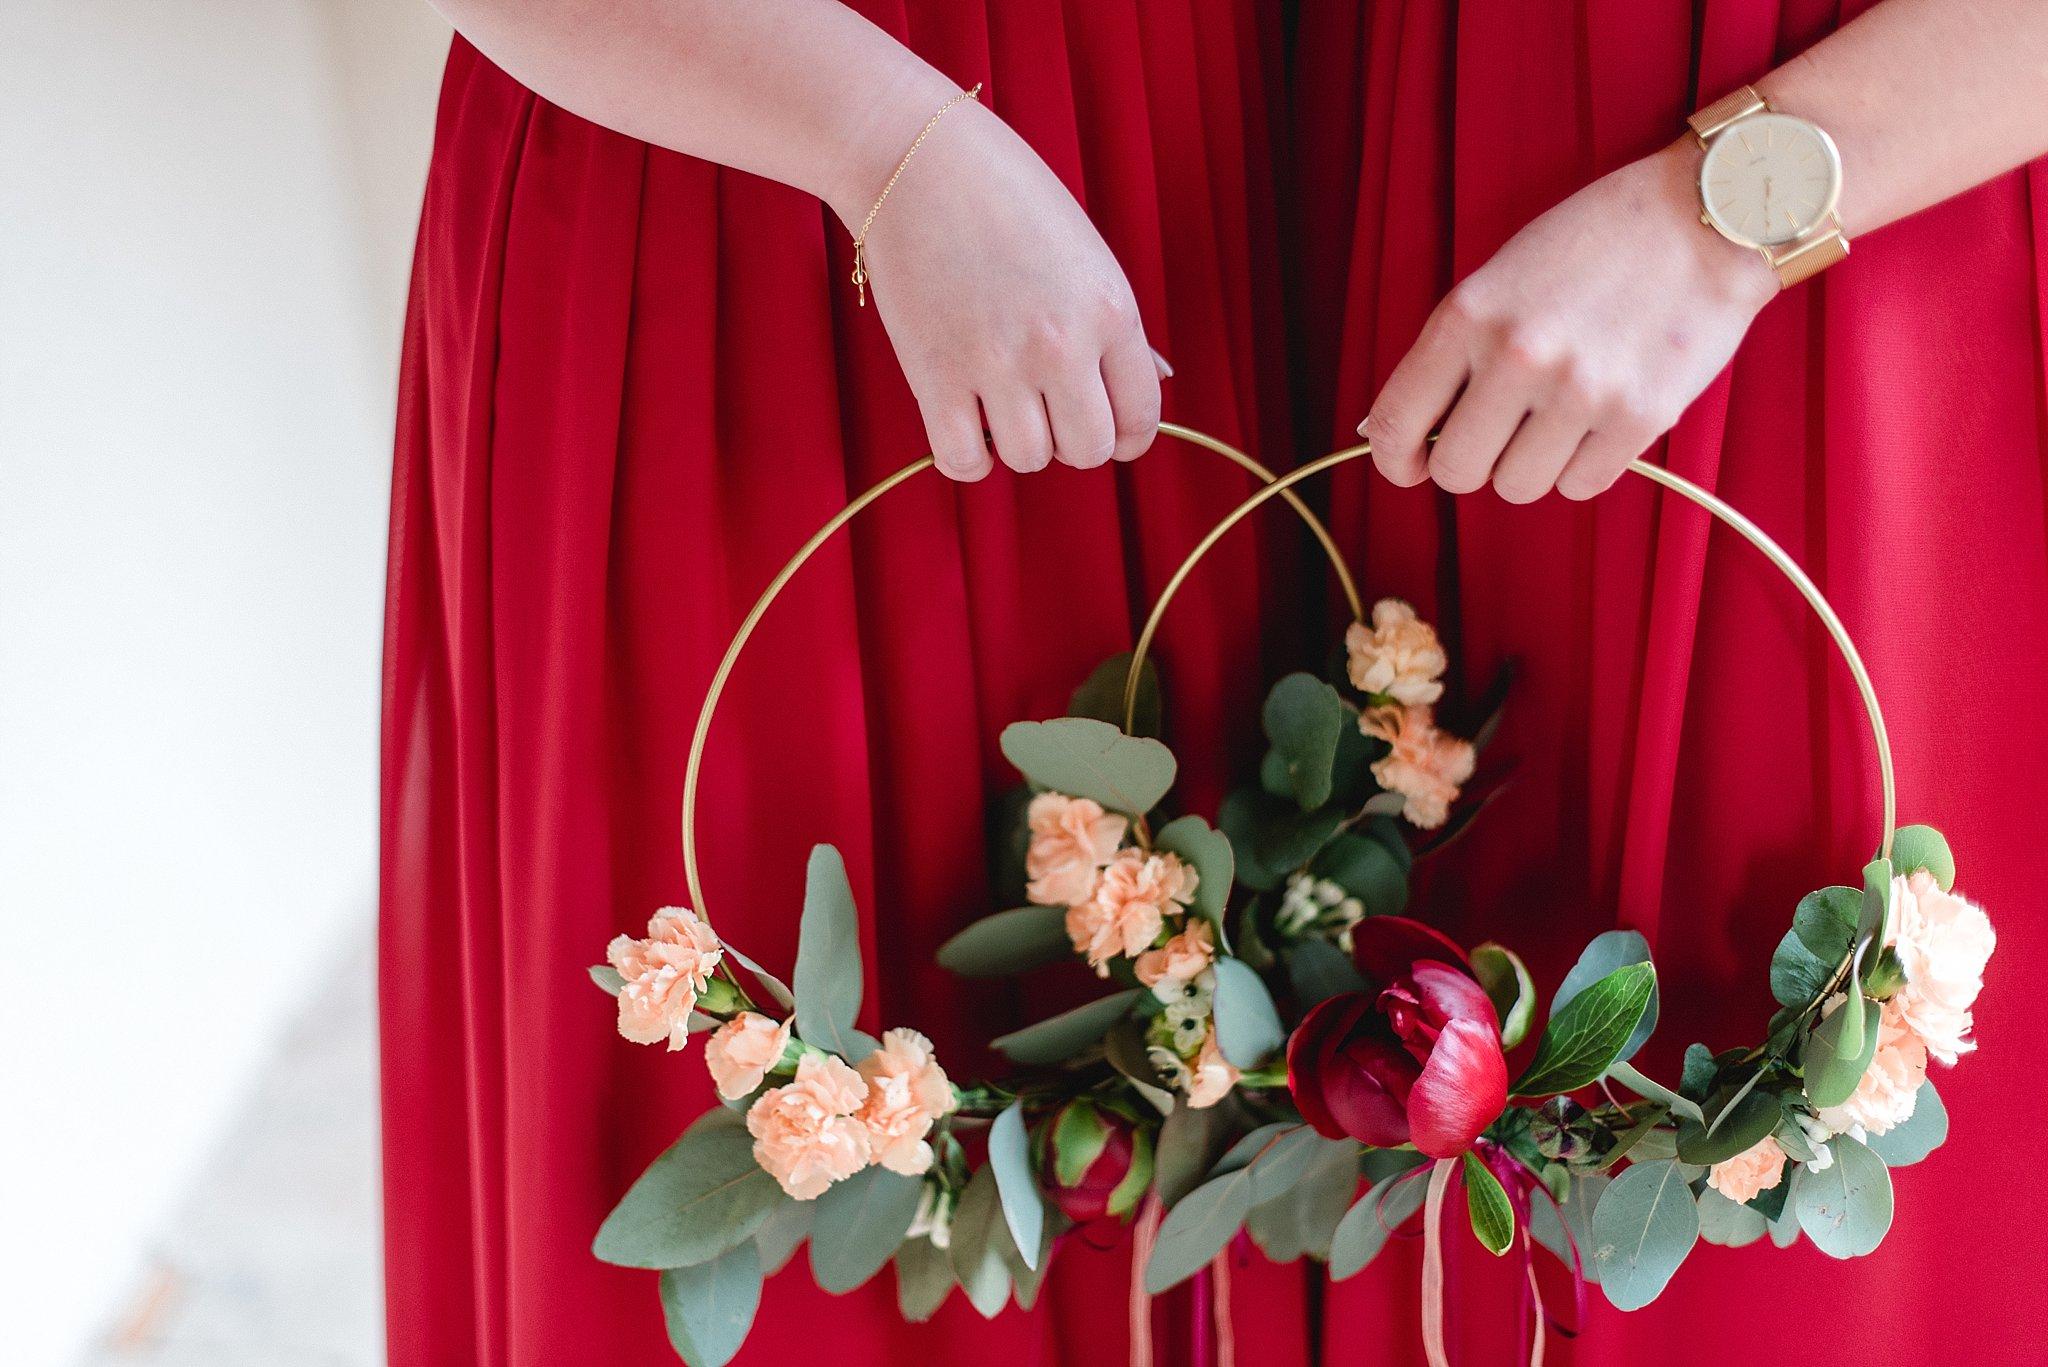 Hochzeit-von-Marina-Dominik-auf-Burg-Wernberg-und-Schloss-Friedrichsburg-00029